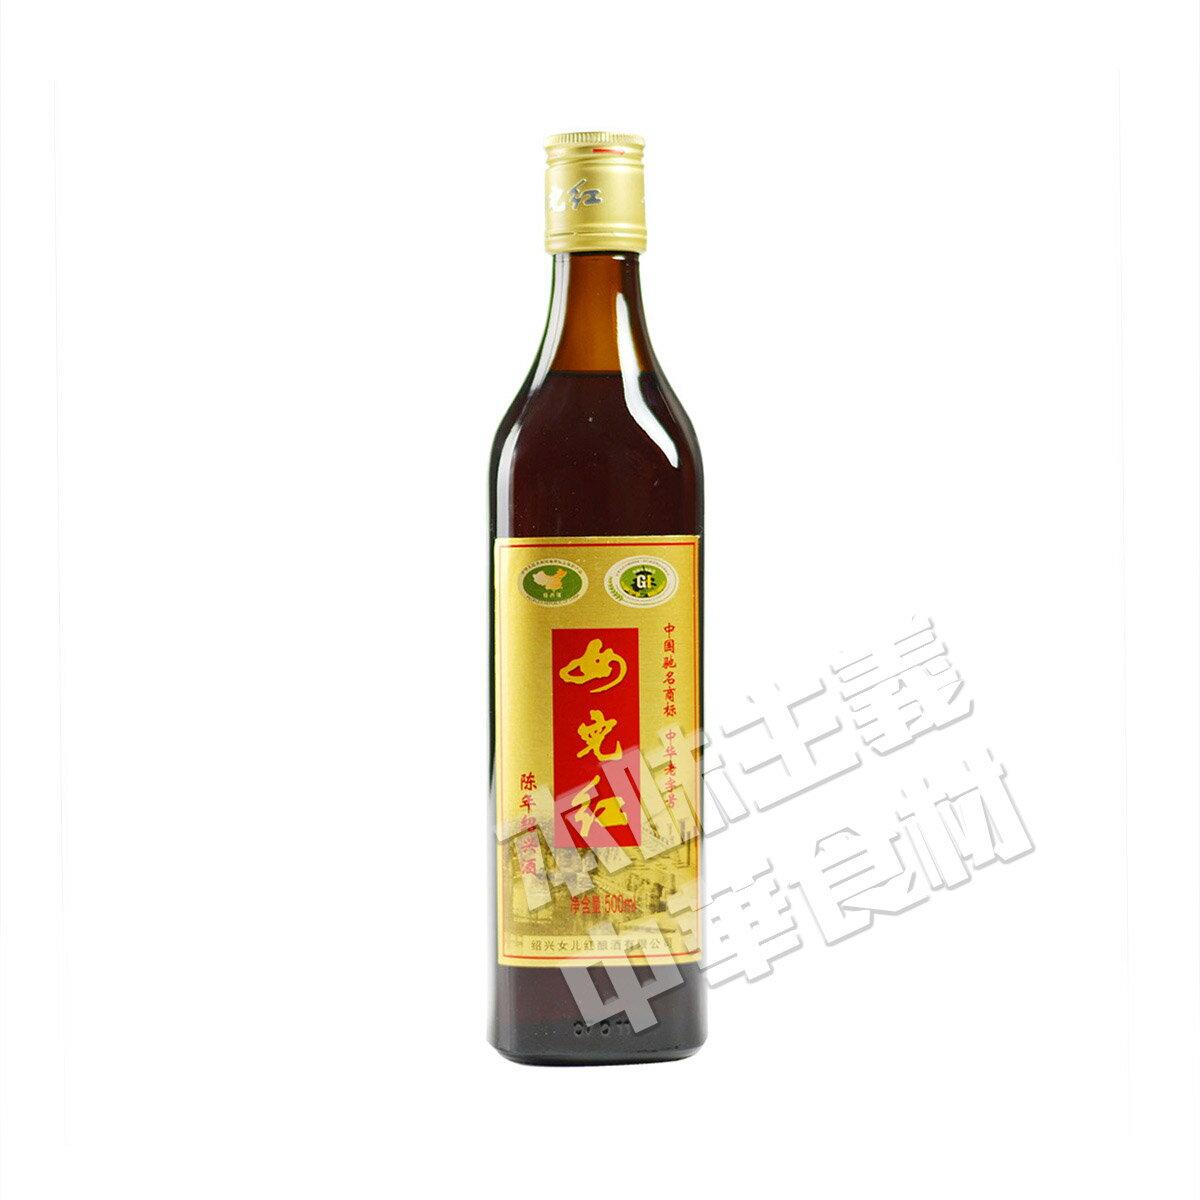 中華老字号女児紅陳年紹興酒(金ラベル角瓶)16.5度 中華料理店人気商品・中国名物・中華名酒・中華食材調味料